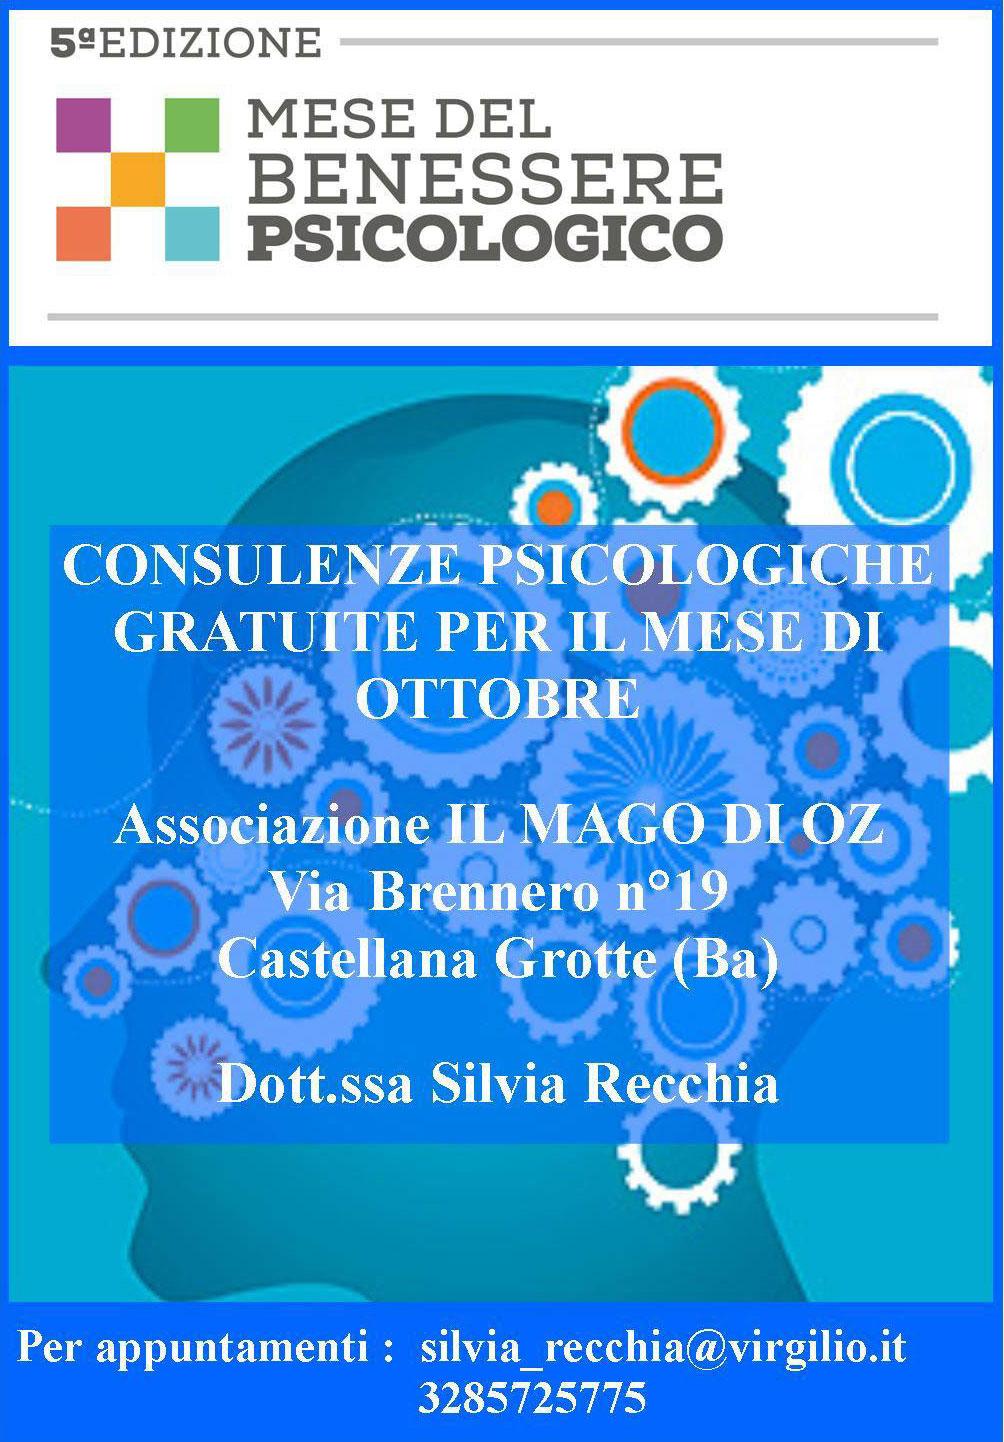 5a edizione del mese del benessere psicologico